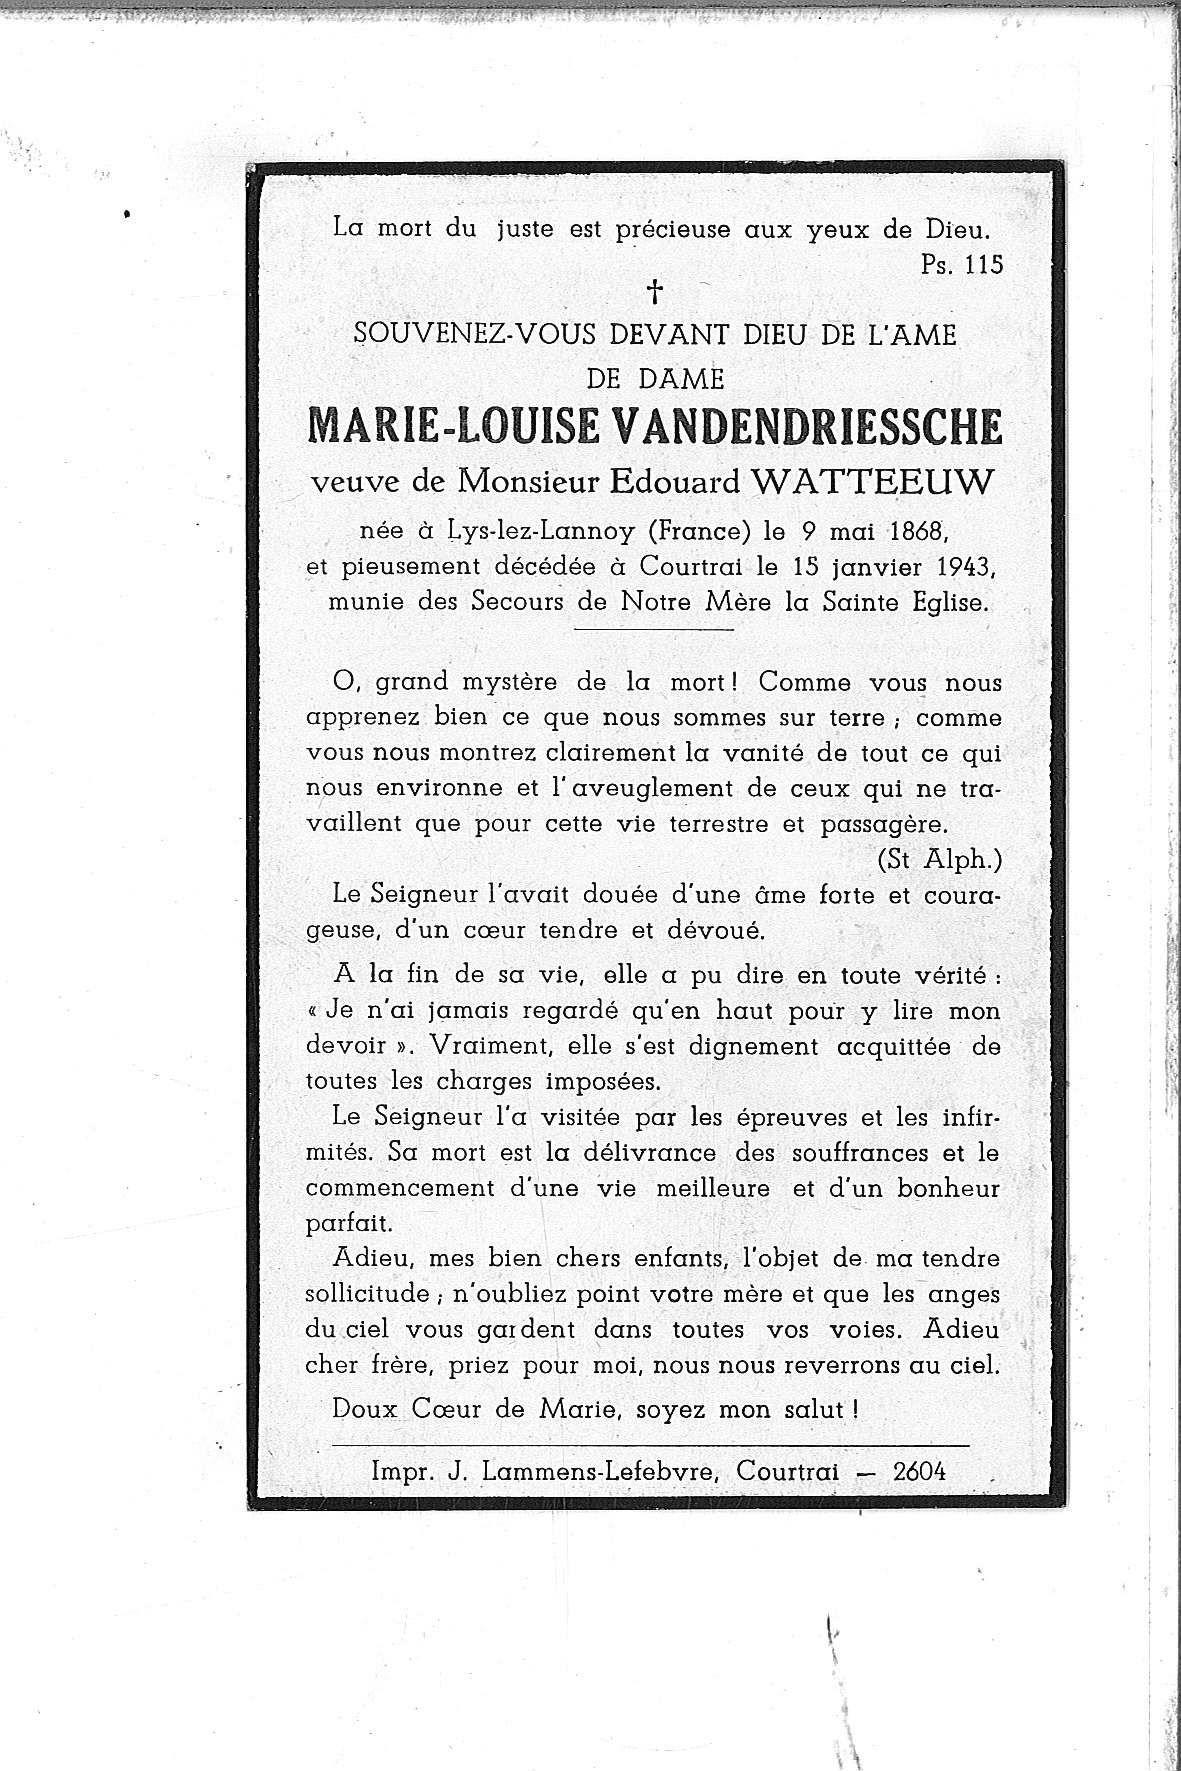 Marie-Louise(1943)20140704132606_00046.jpg